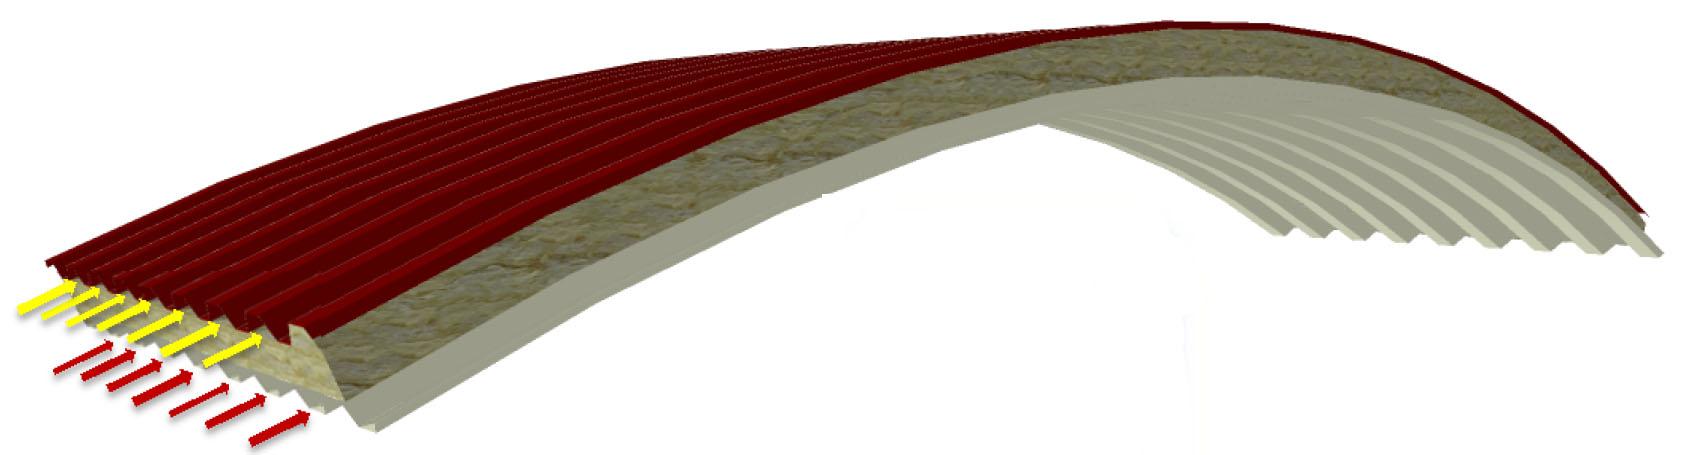 Panel C RW-GG Air in lana di roccia